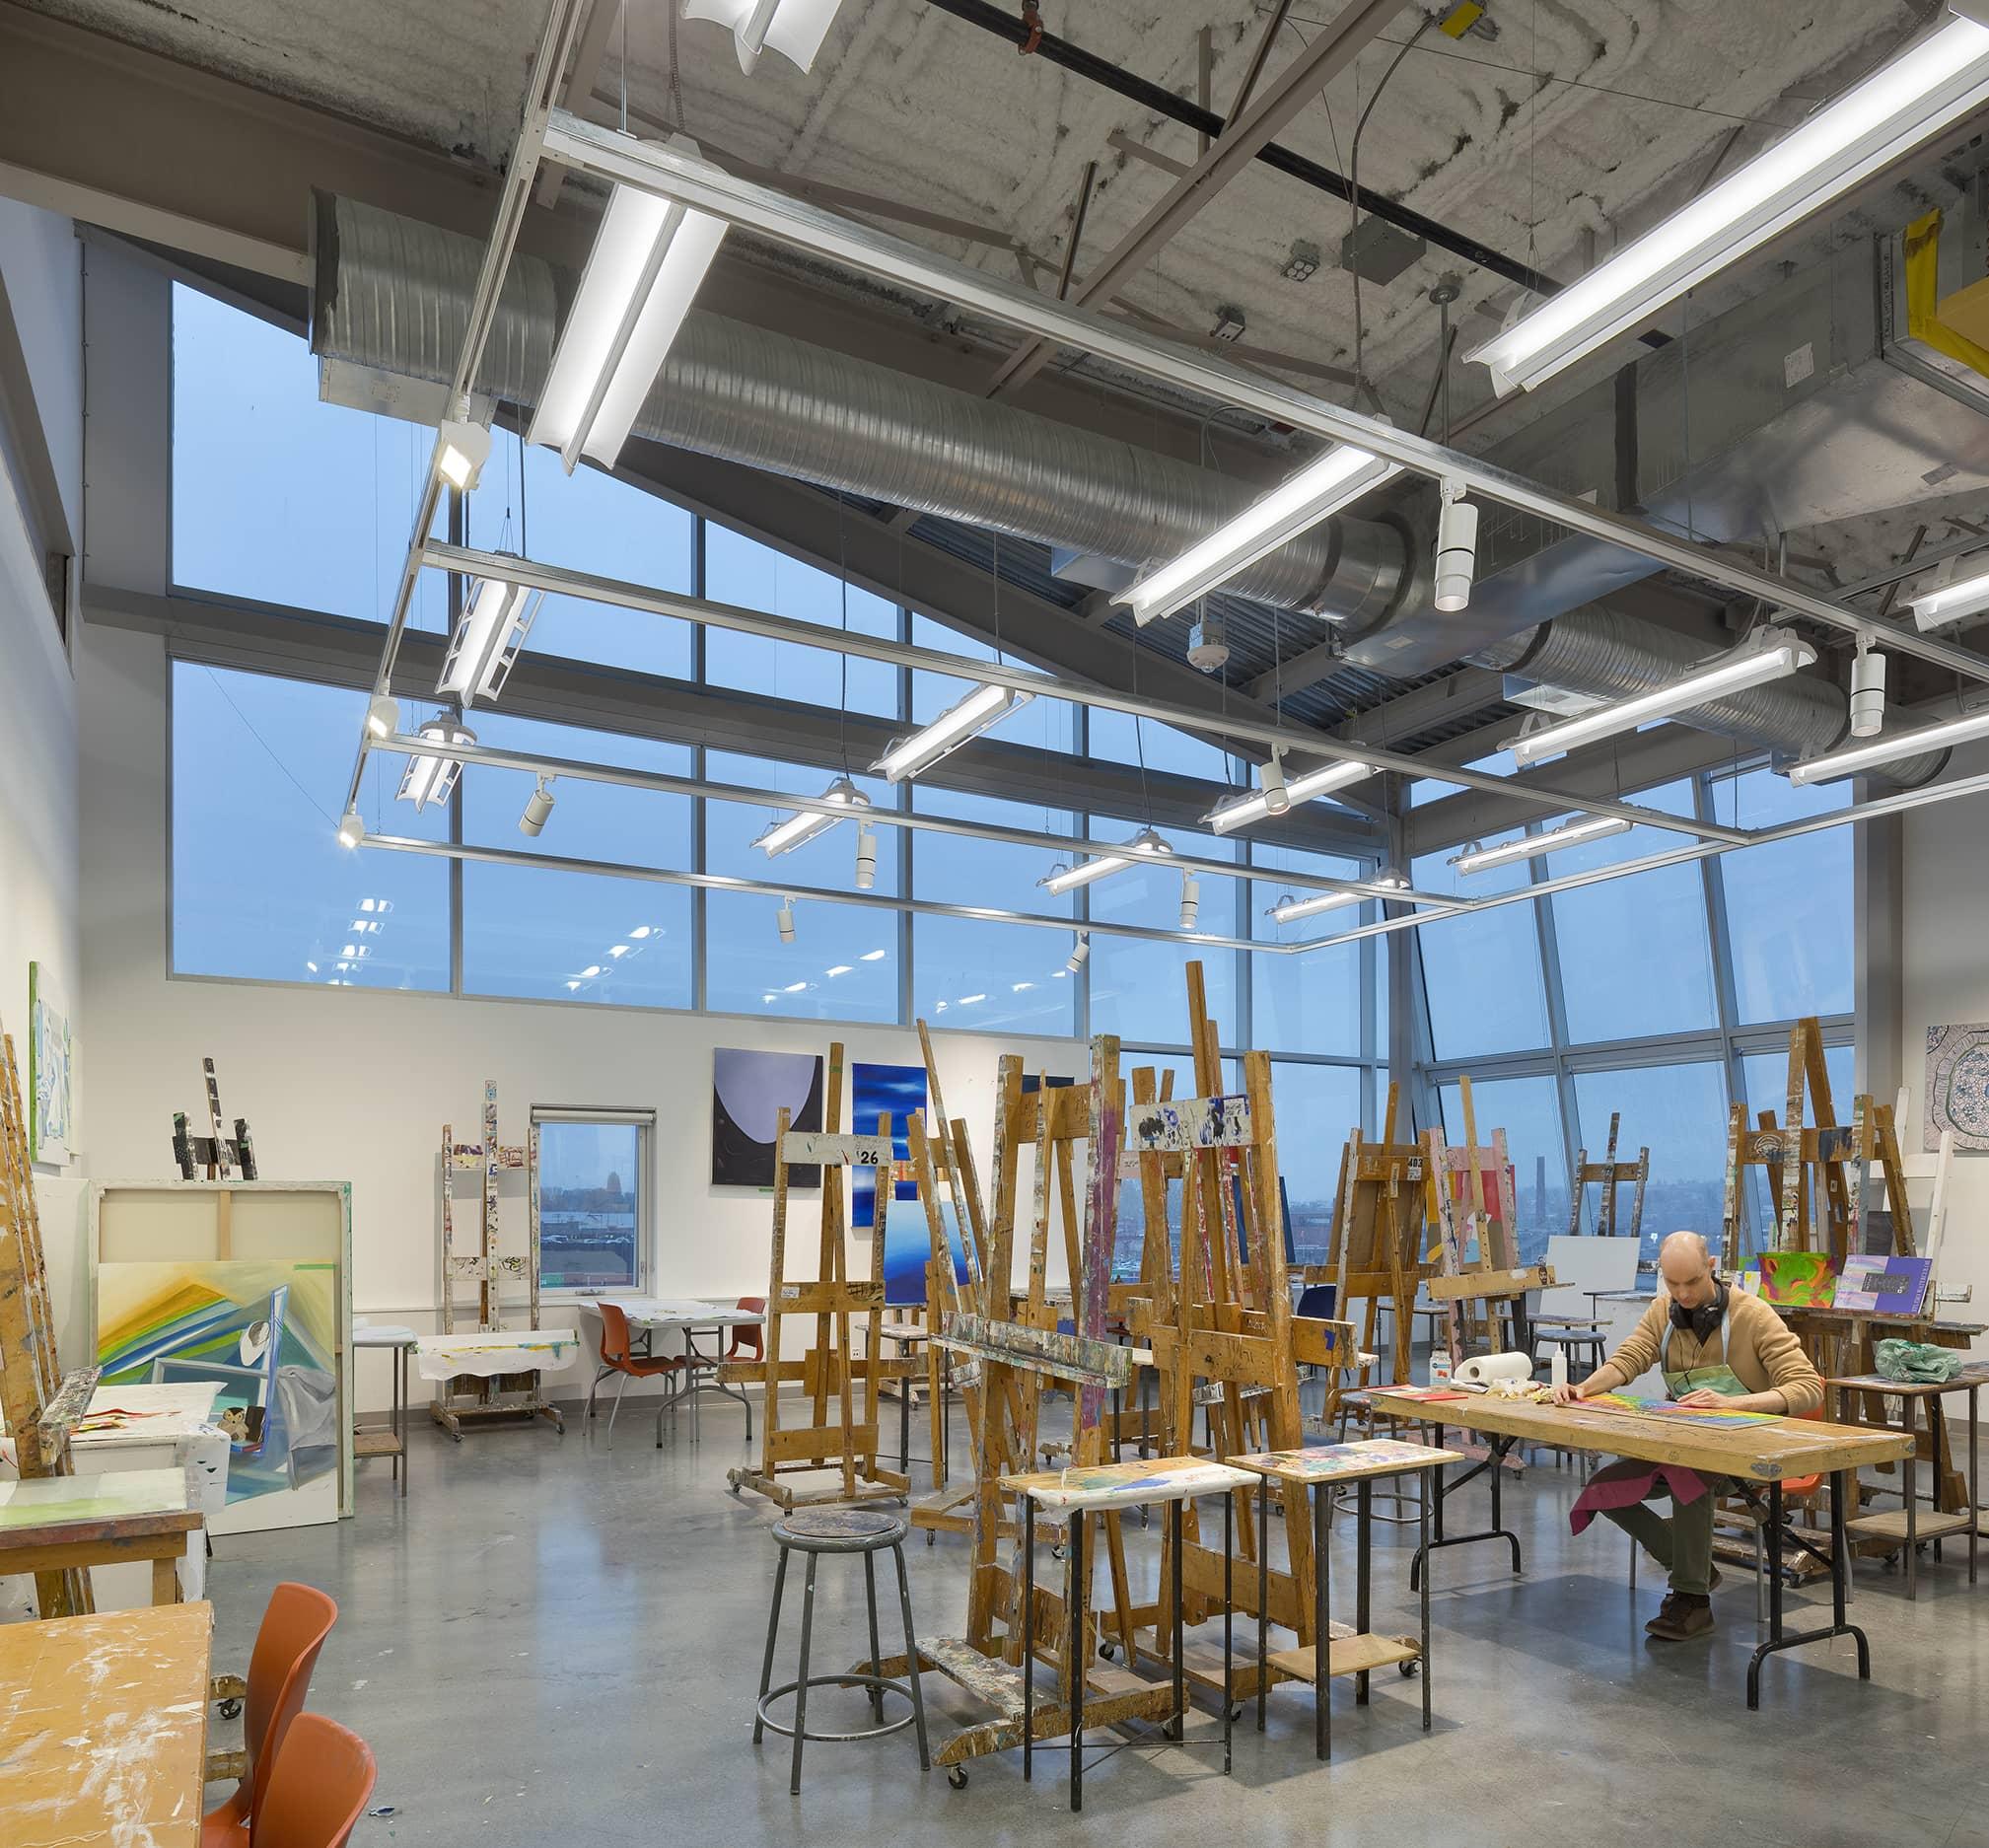 bbp emily carr university of art + design art room